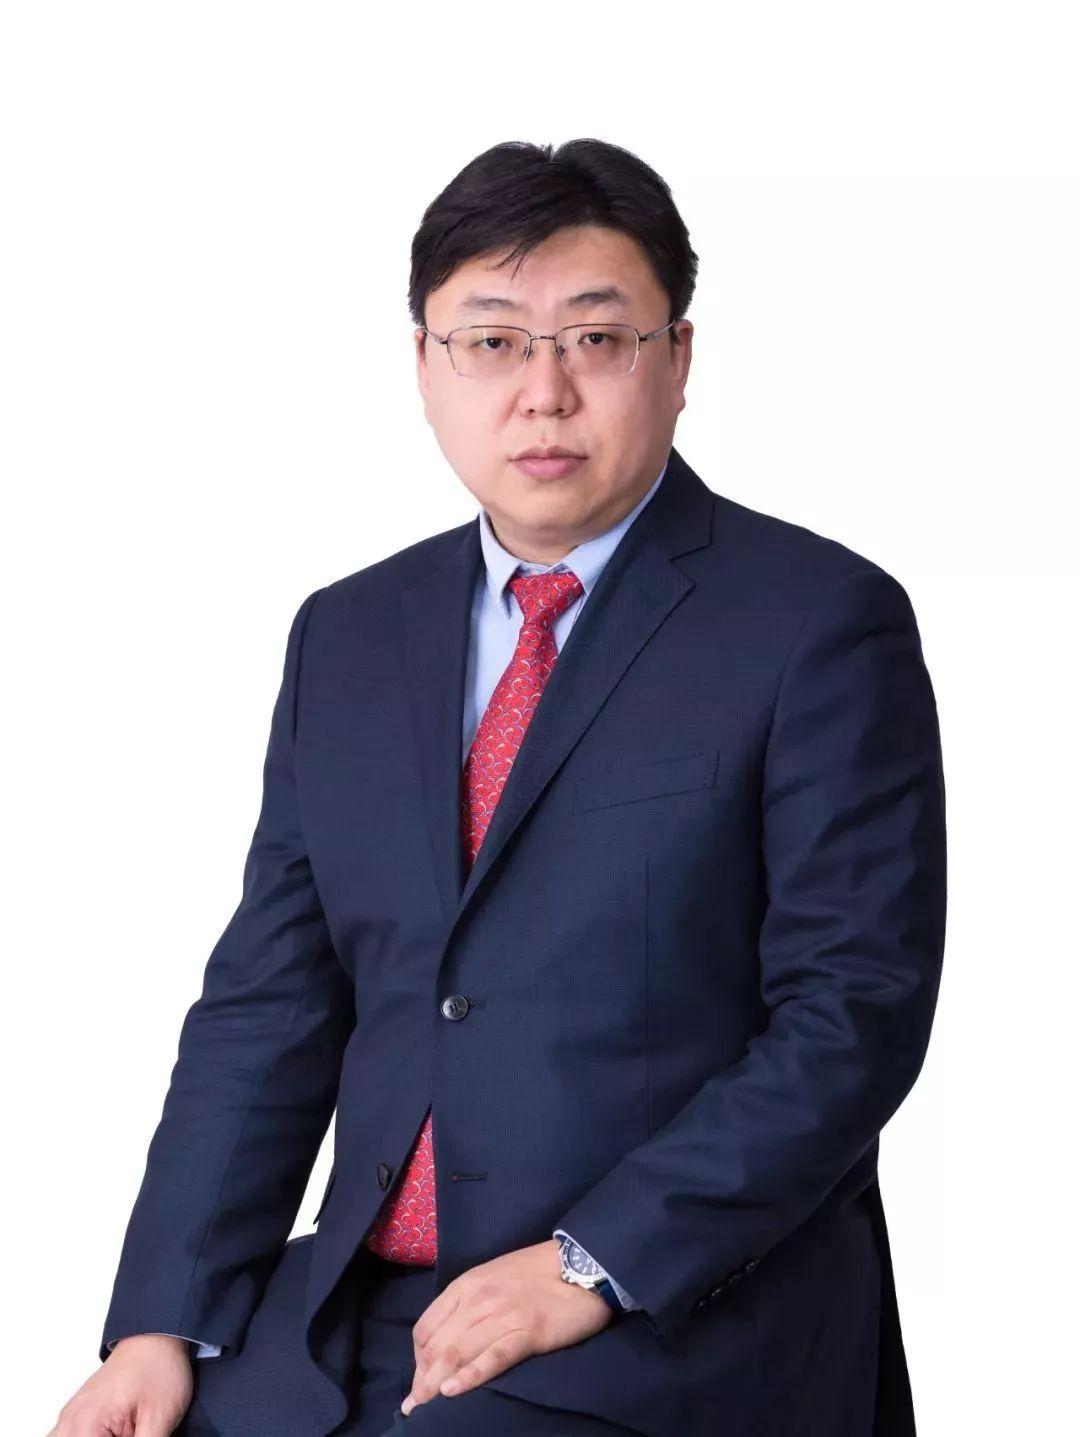 民生信用卡中心副总裁许强:创品牌,促经营 ——民生信用卡打造差异化增值服务